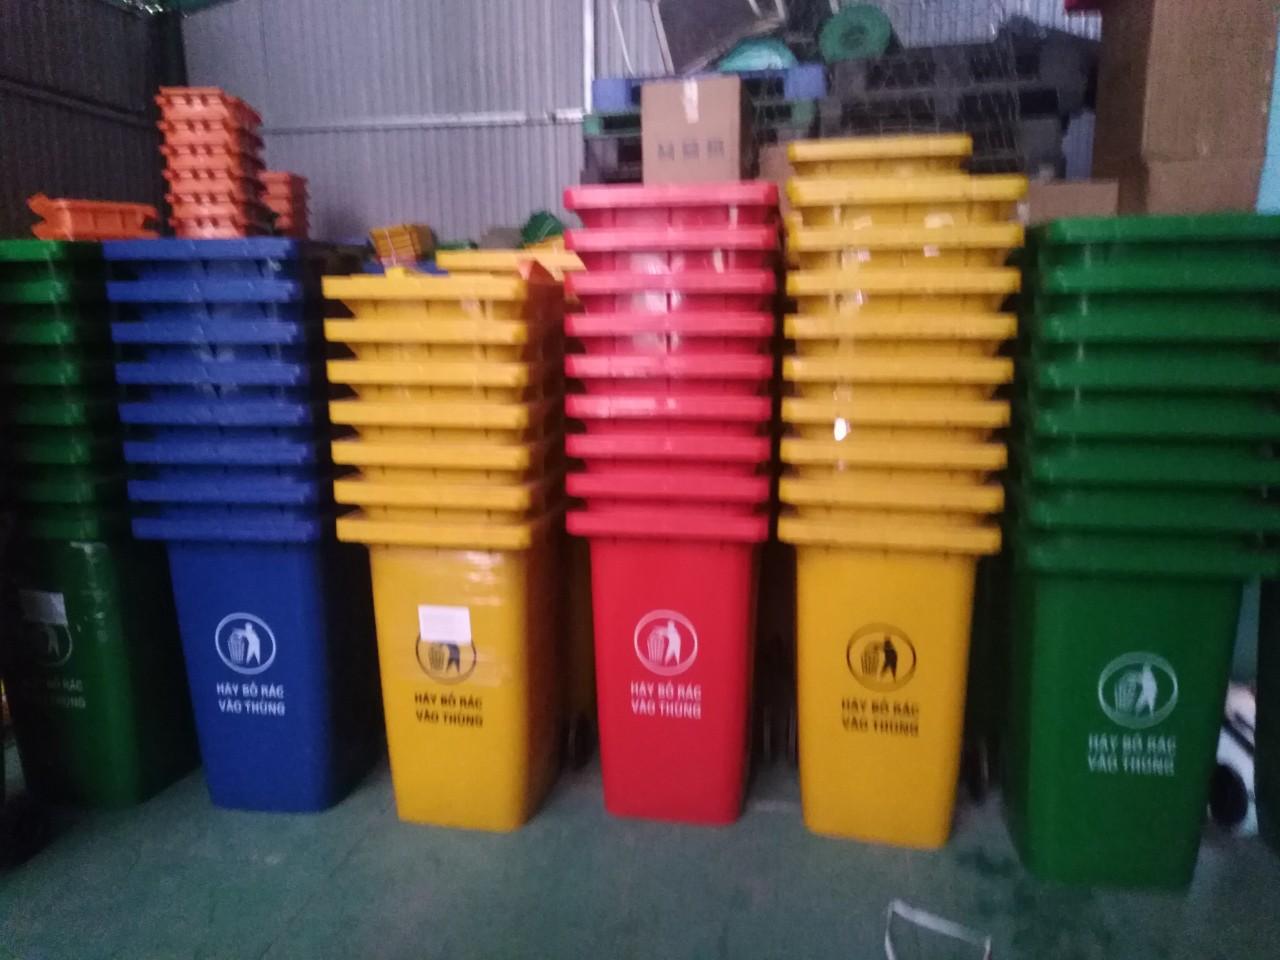 Thùng rác nhựa có 2 bánh xe dùng nơi công cộng